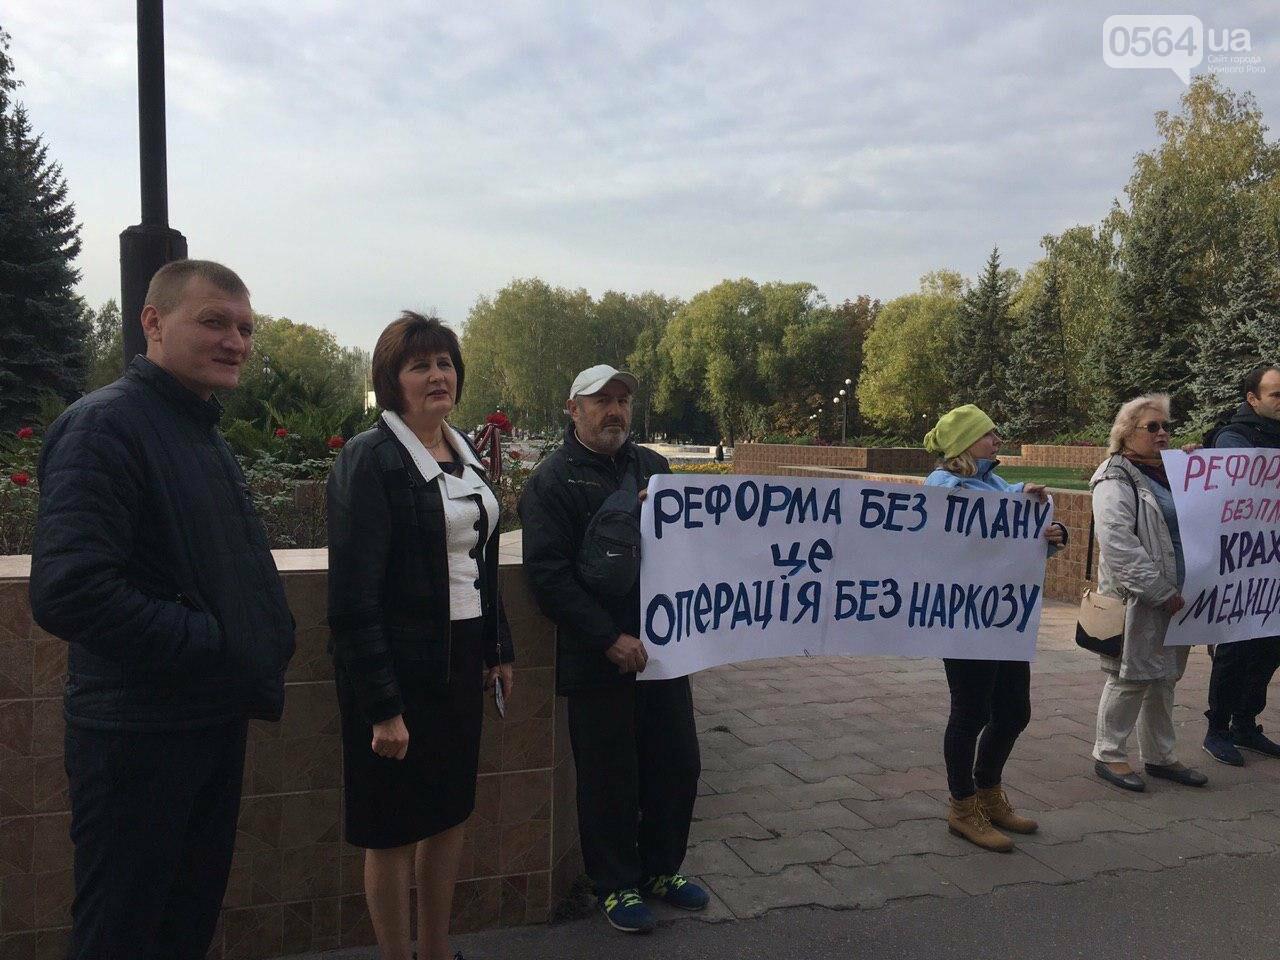 Медики 8-й больницы Кривого Рога пикетируют городской совет, - ФОТО, ВИДЕО, фото-8